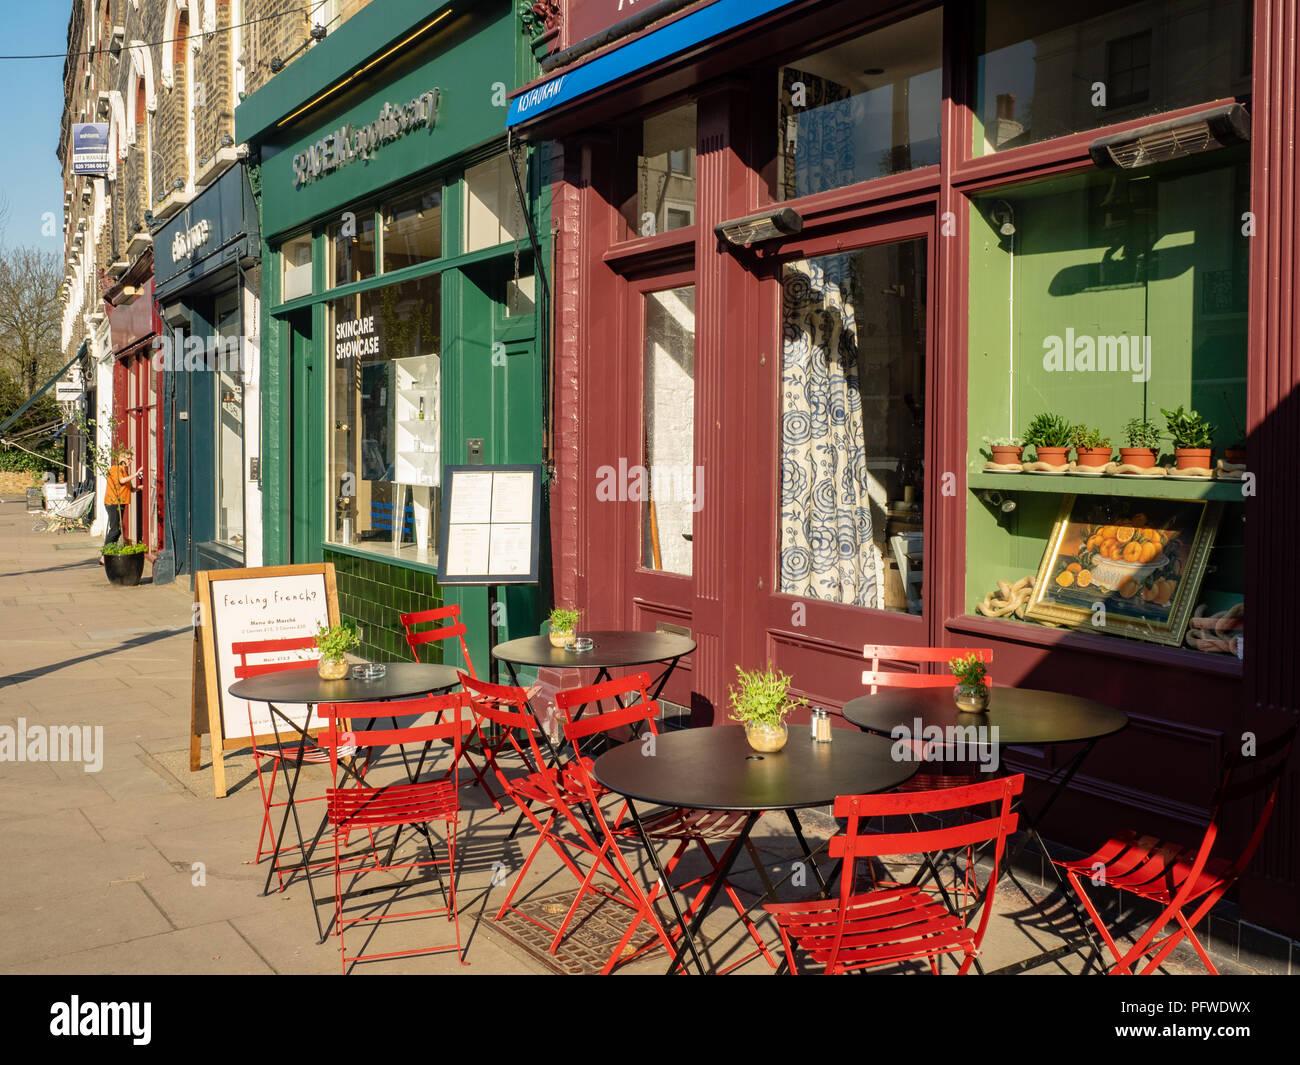 Shops along Regents Park Road, Primrose Hill, North West London, UK, - Stock Image